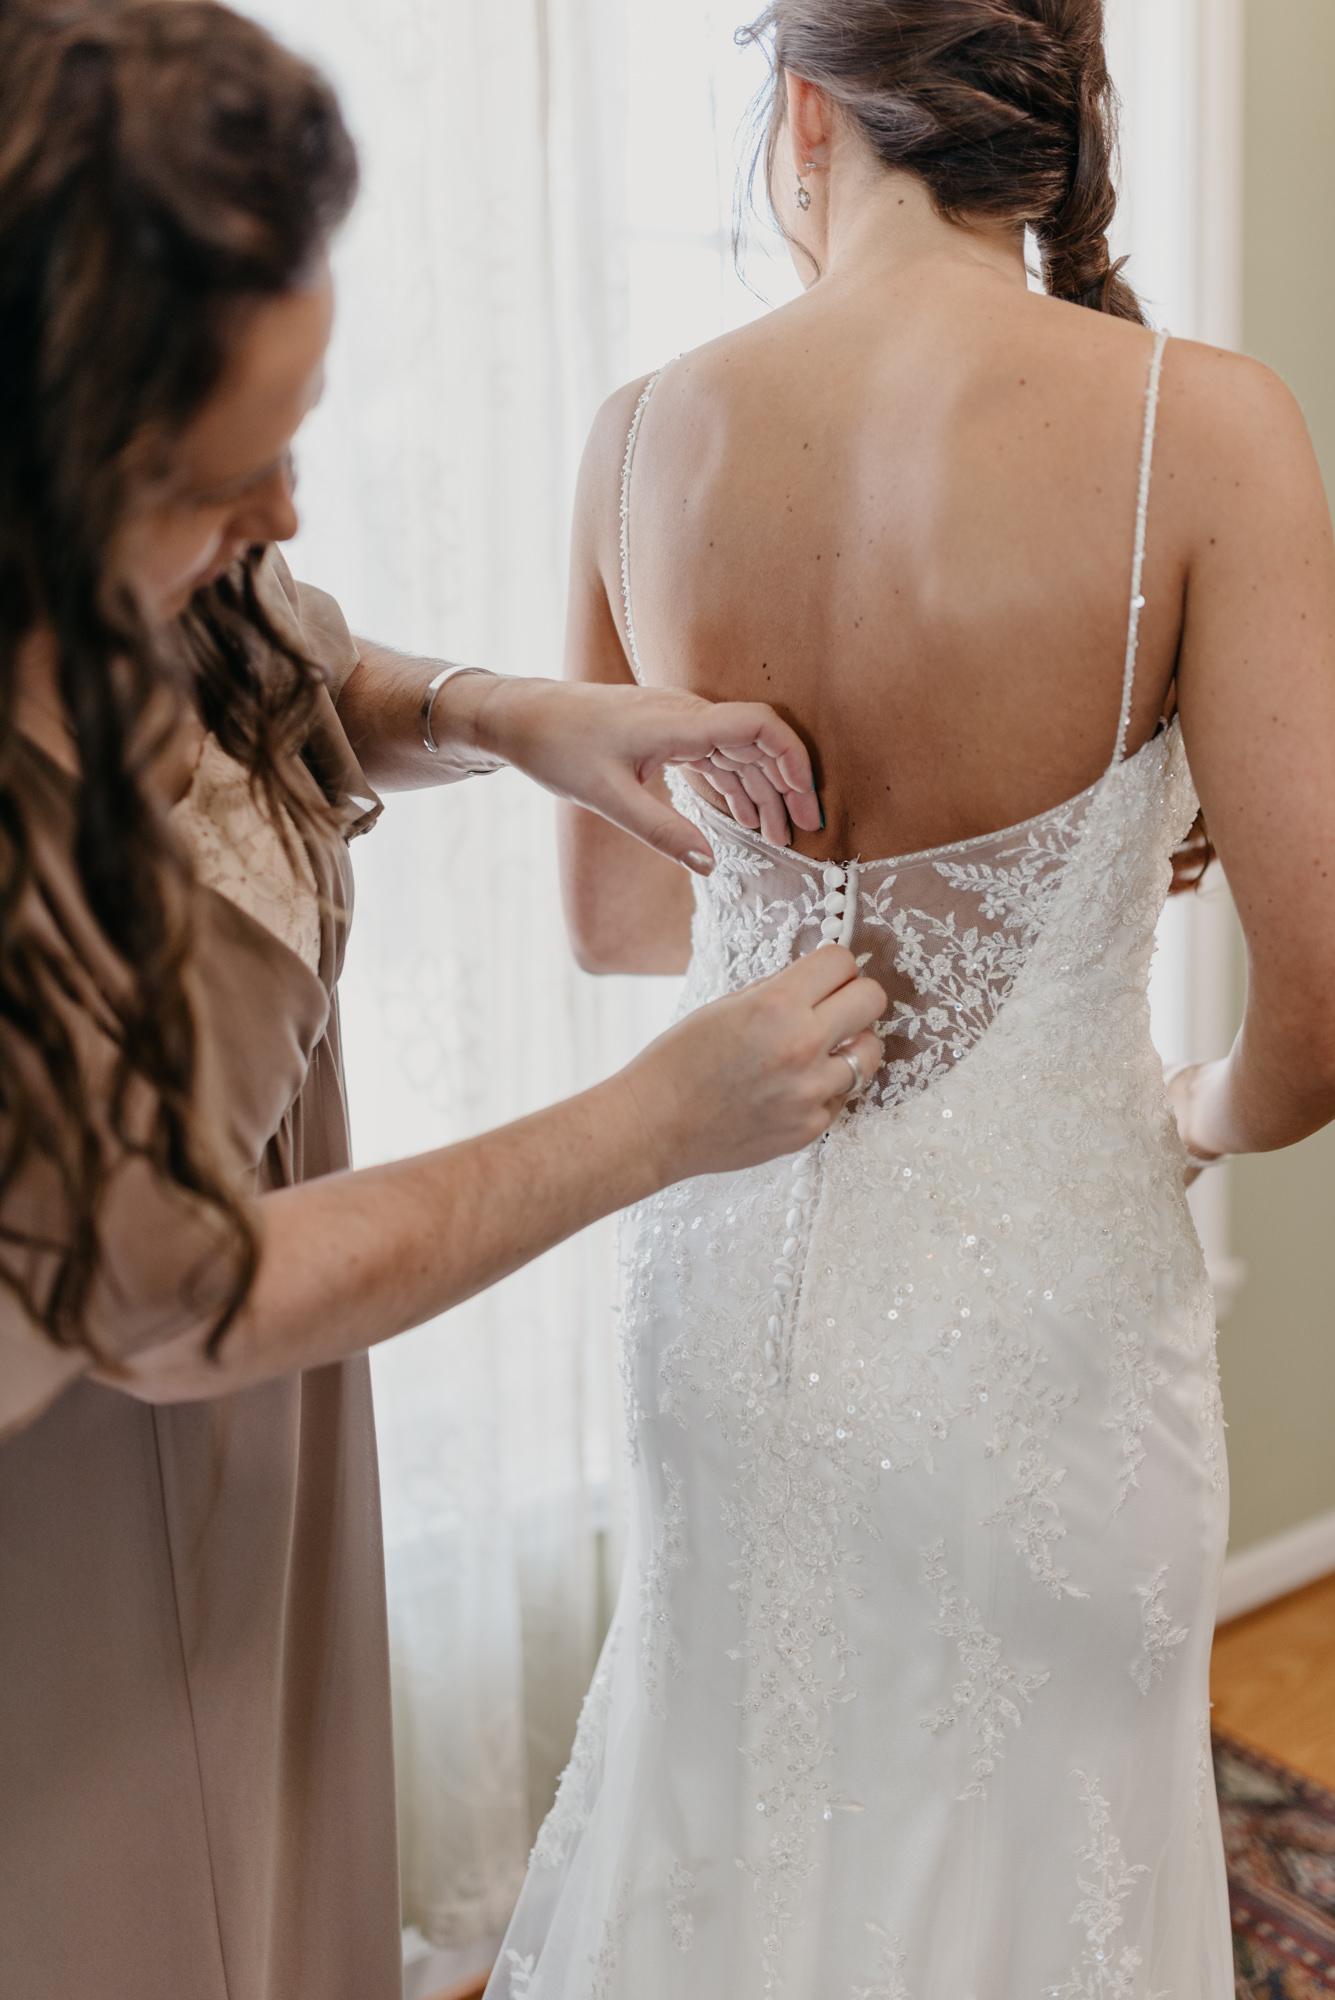 21-Getting-Ready-barn-kestrel-wedding-photos-grey-suit.jpg